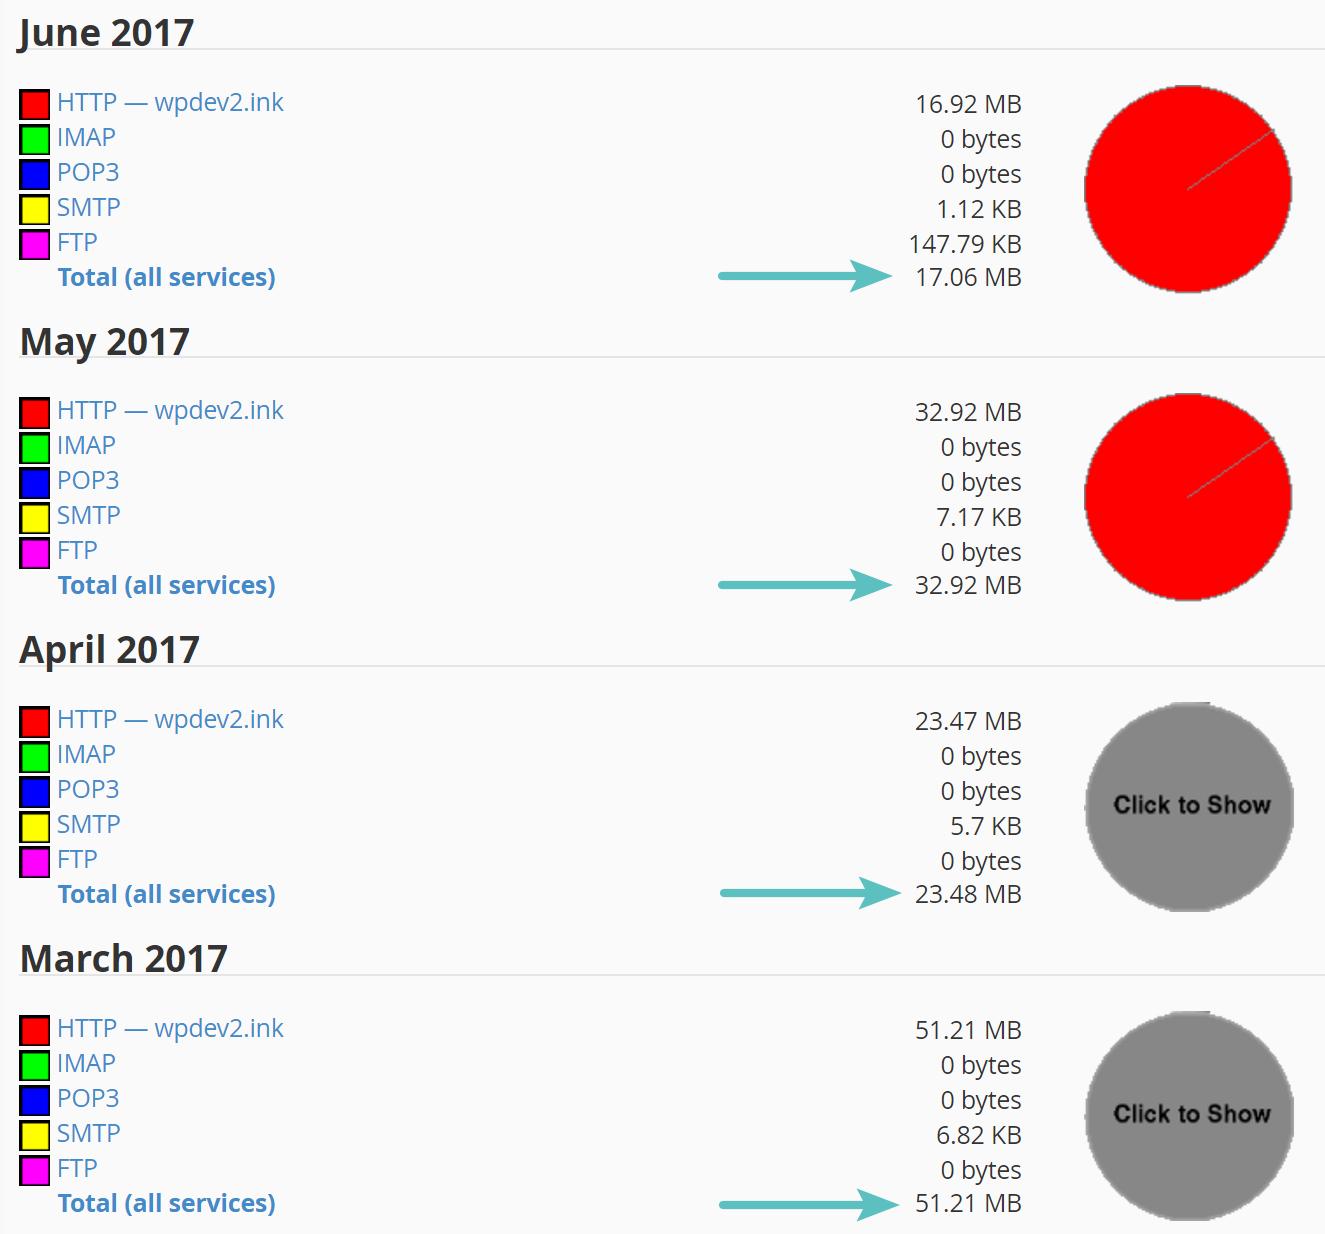 Utilizzo totale della larghezza di banda mensile in cPanel